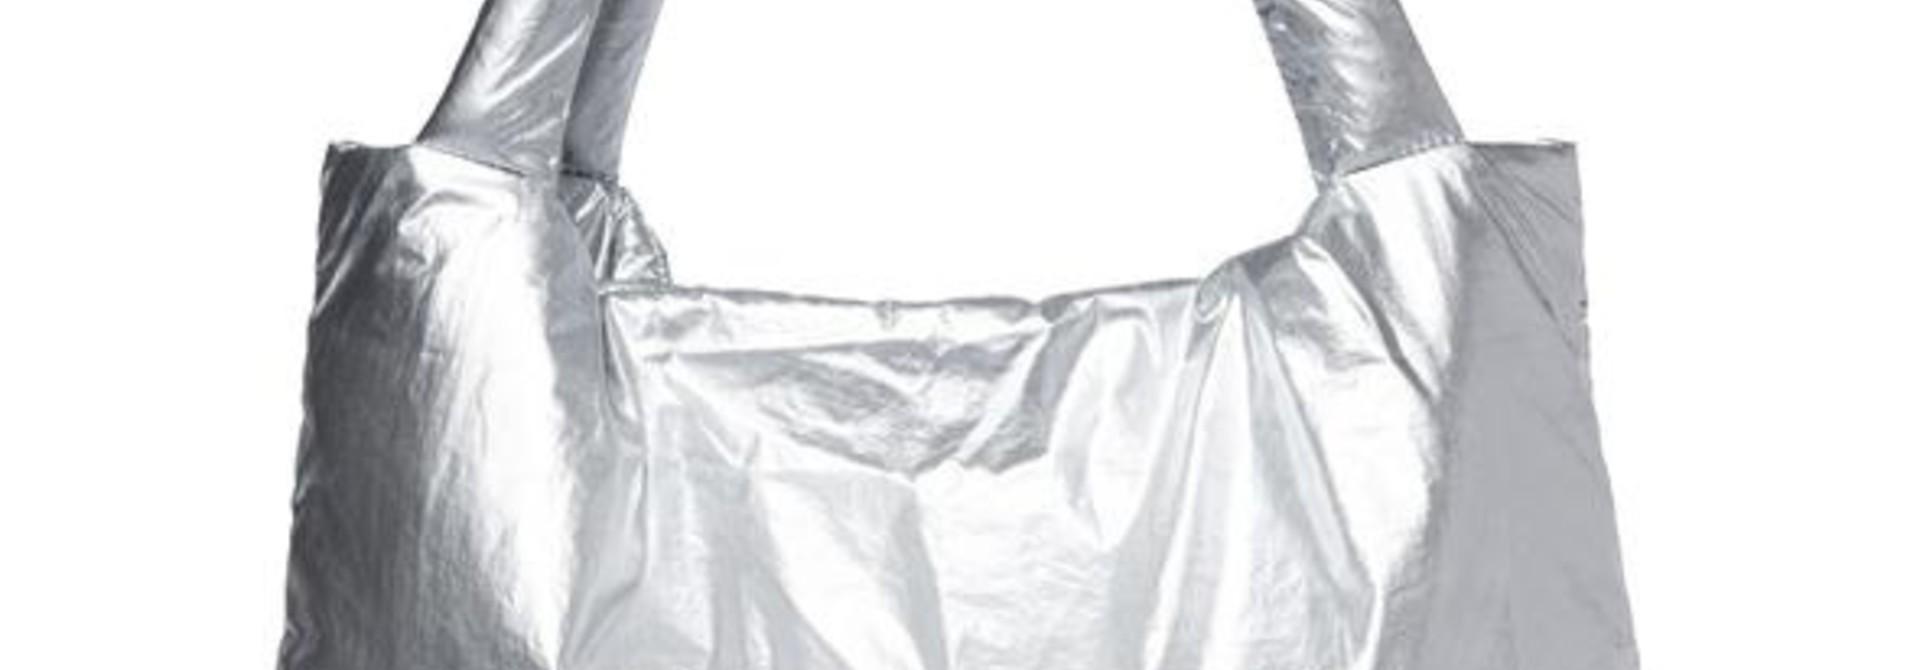 Silver puffy mom-bag